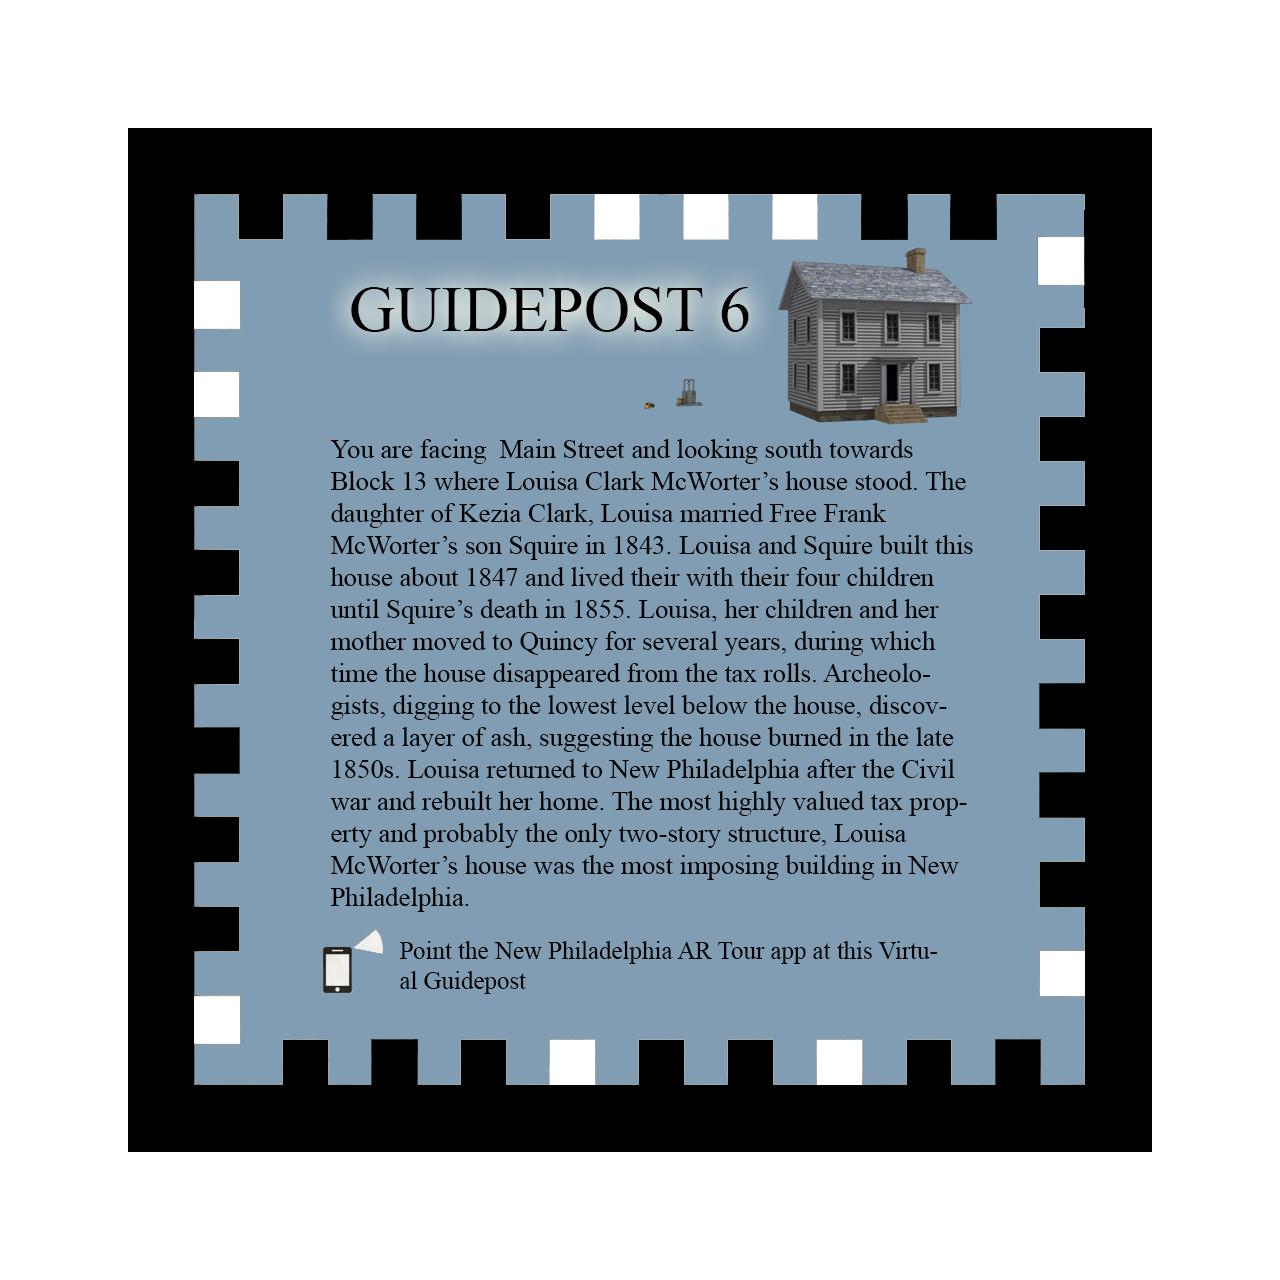 GuidePost6